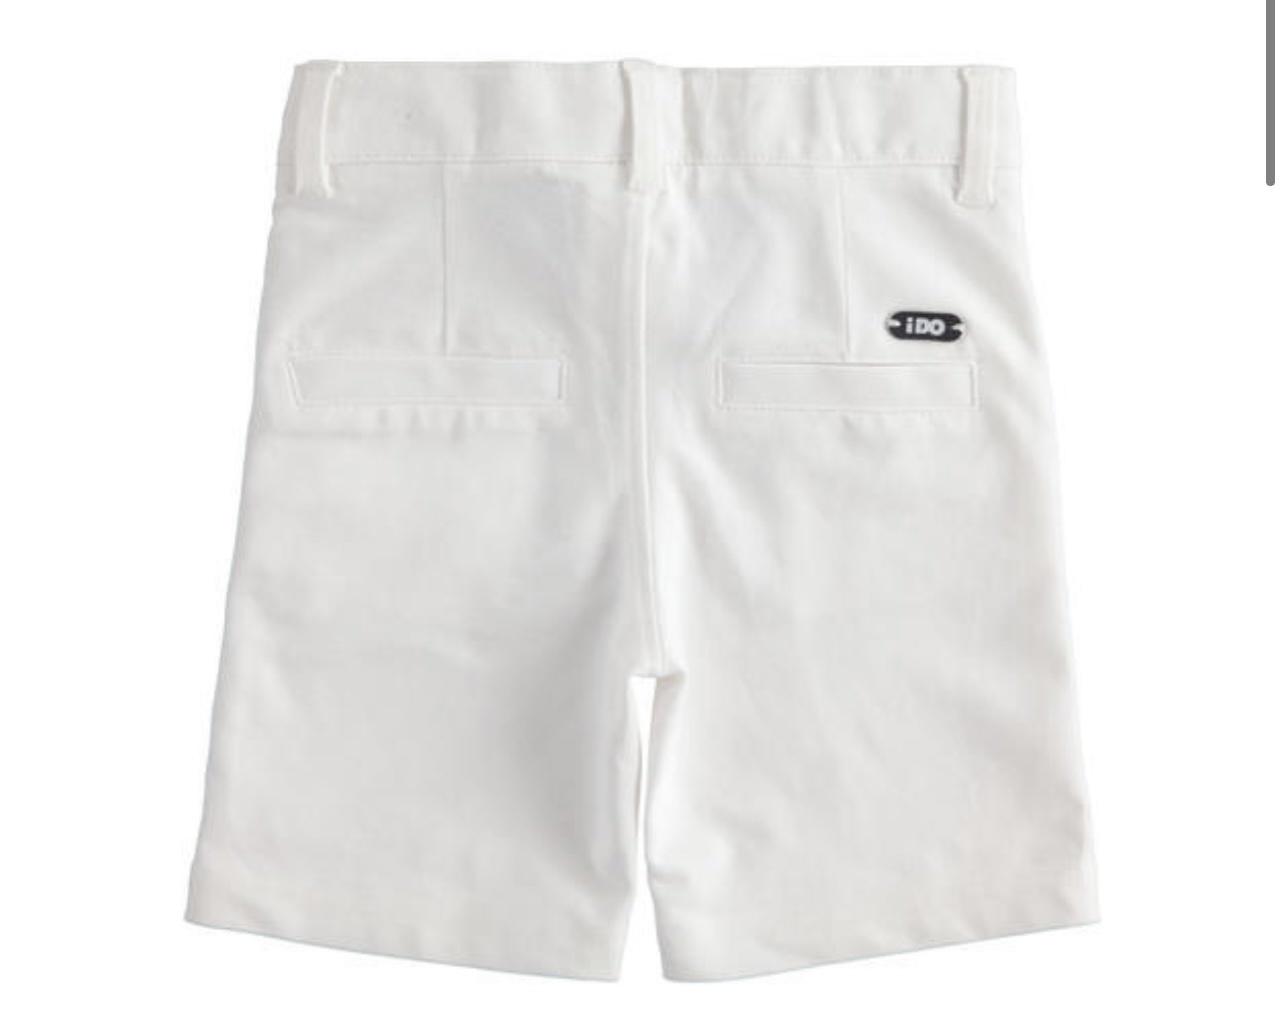 IDO Chino Slim Fit Short 4269400 S21